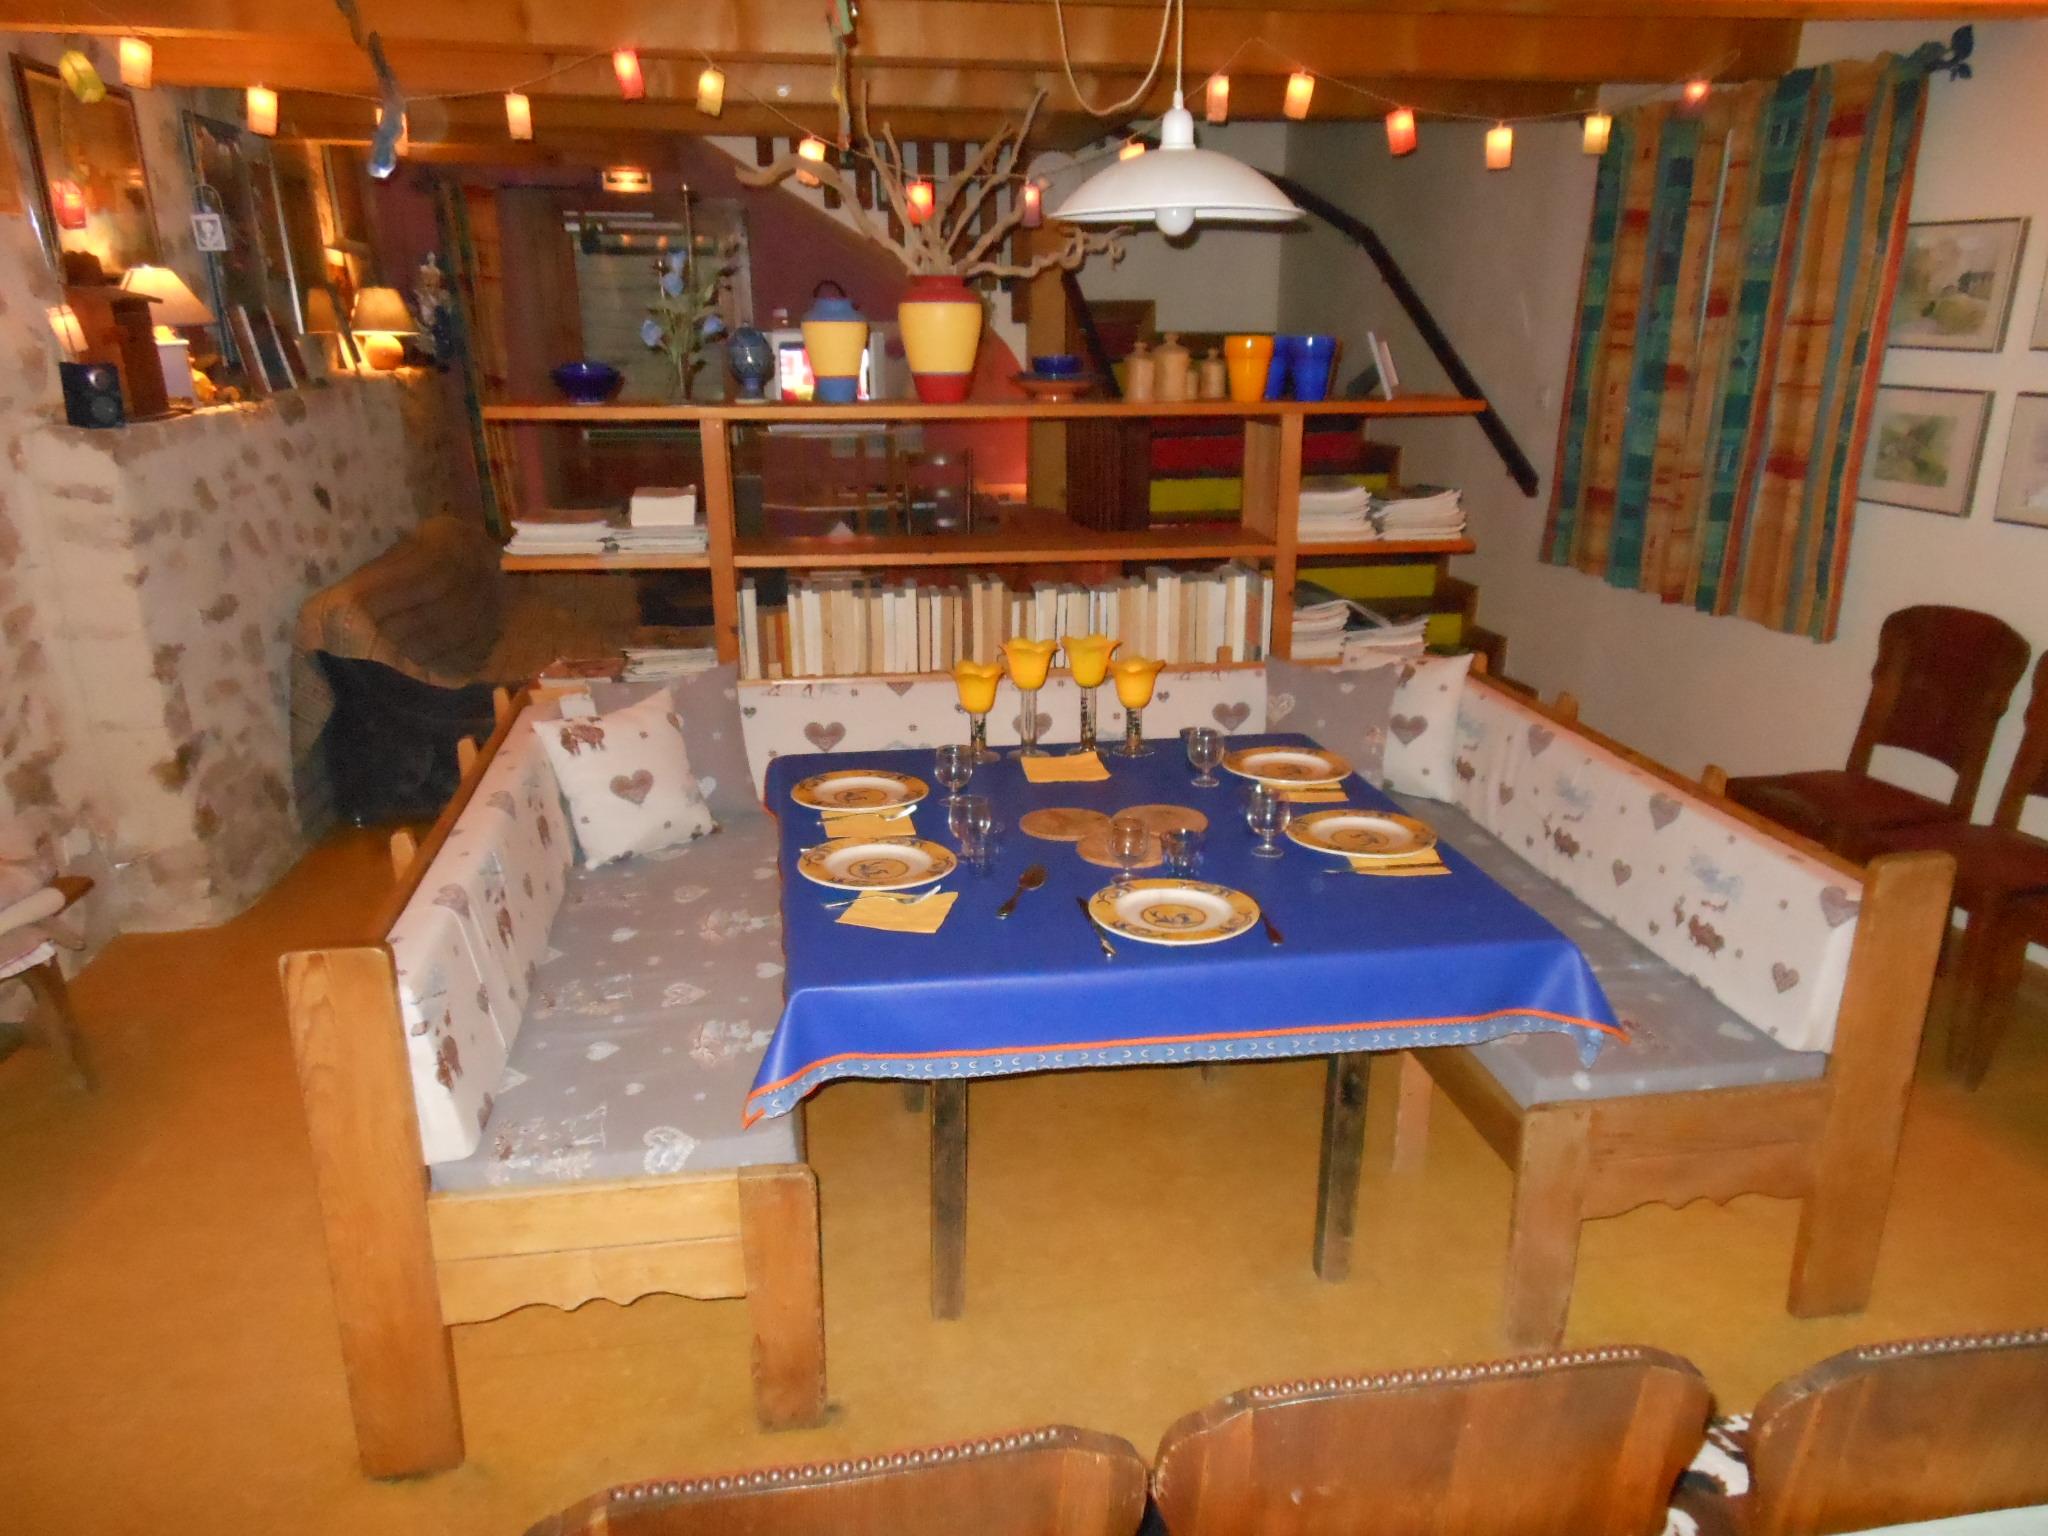 La table est montée pour la réception de vos amis.